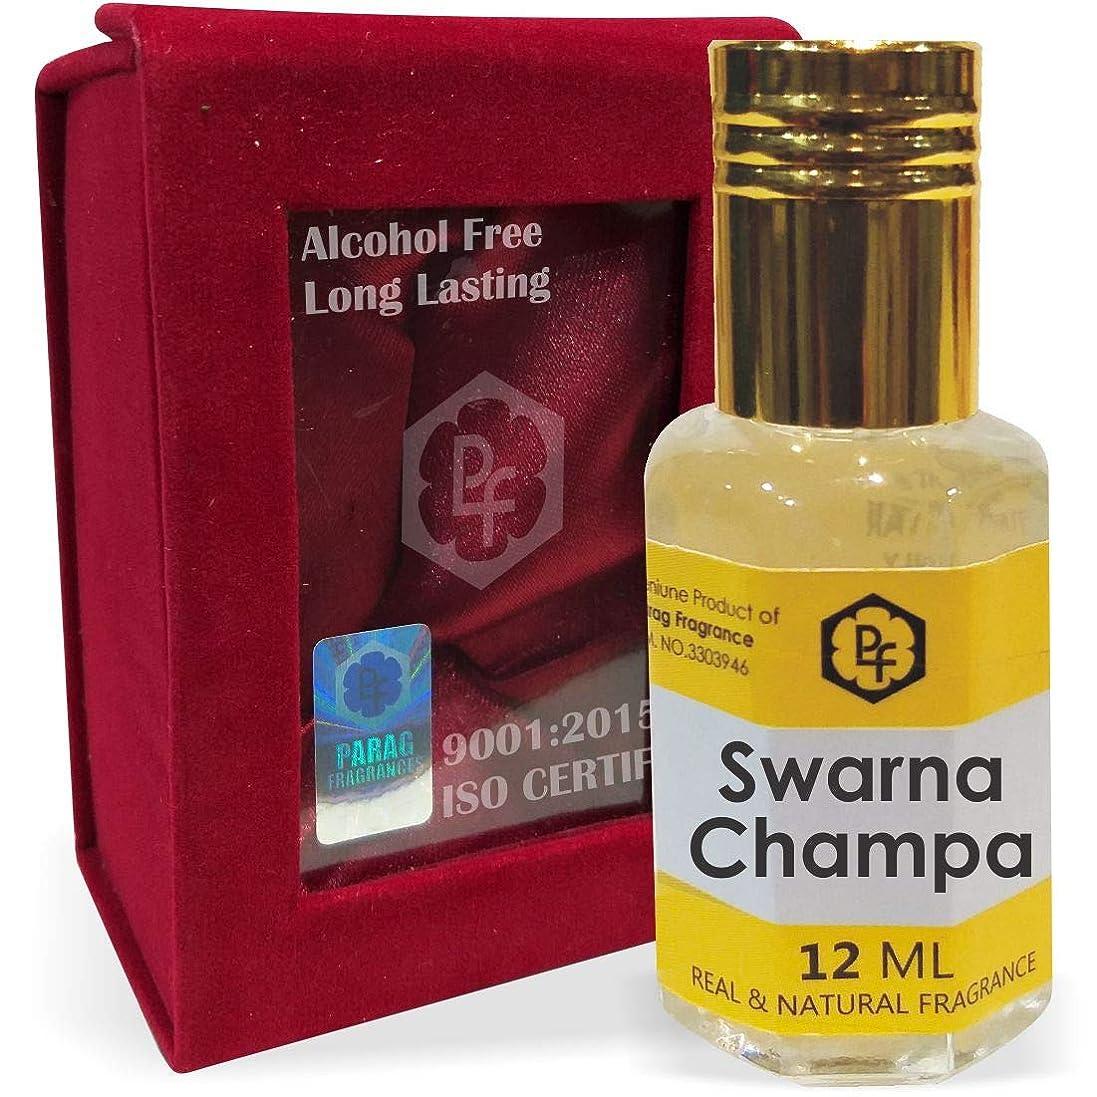 政府相談するましい手作りのベルベットボックスParagフレグランスSwarnaチャンパ12ミリリットルアター/香油/(インドの伝統的なBhapka処理方法により、インド製)フレグランスオイル|アターITRA最高の品質長持ち